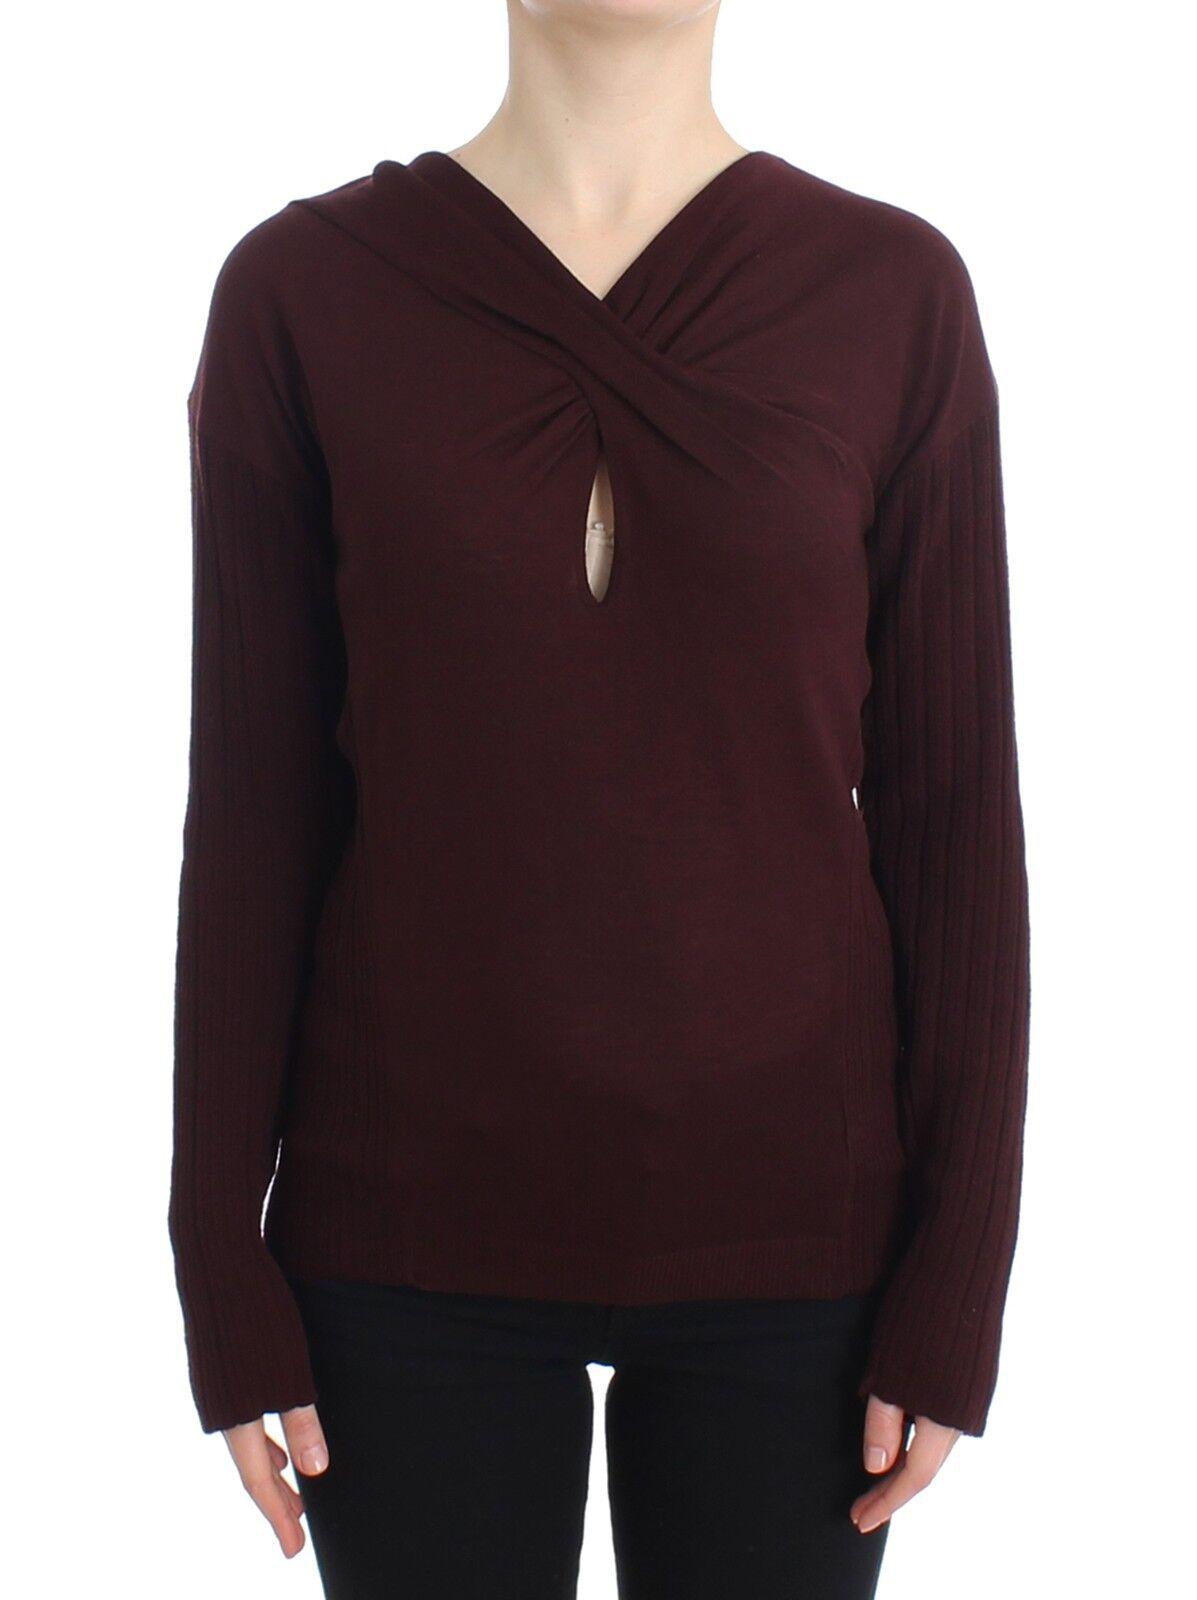 NWT  CLASS ROBERTO CAVALLI Brown Jumper Sweater Keyhole Knit IT42 US8